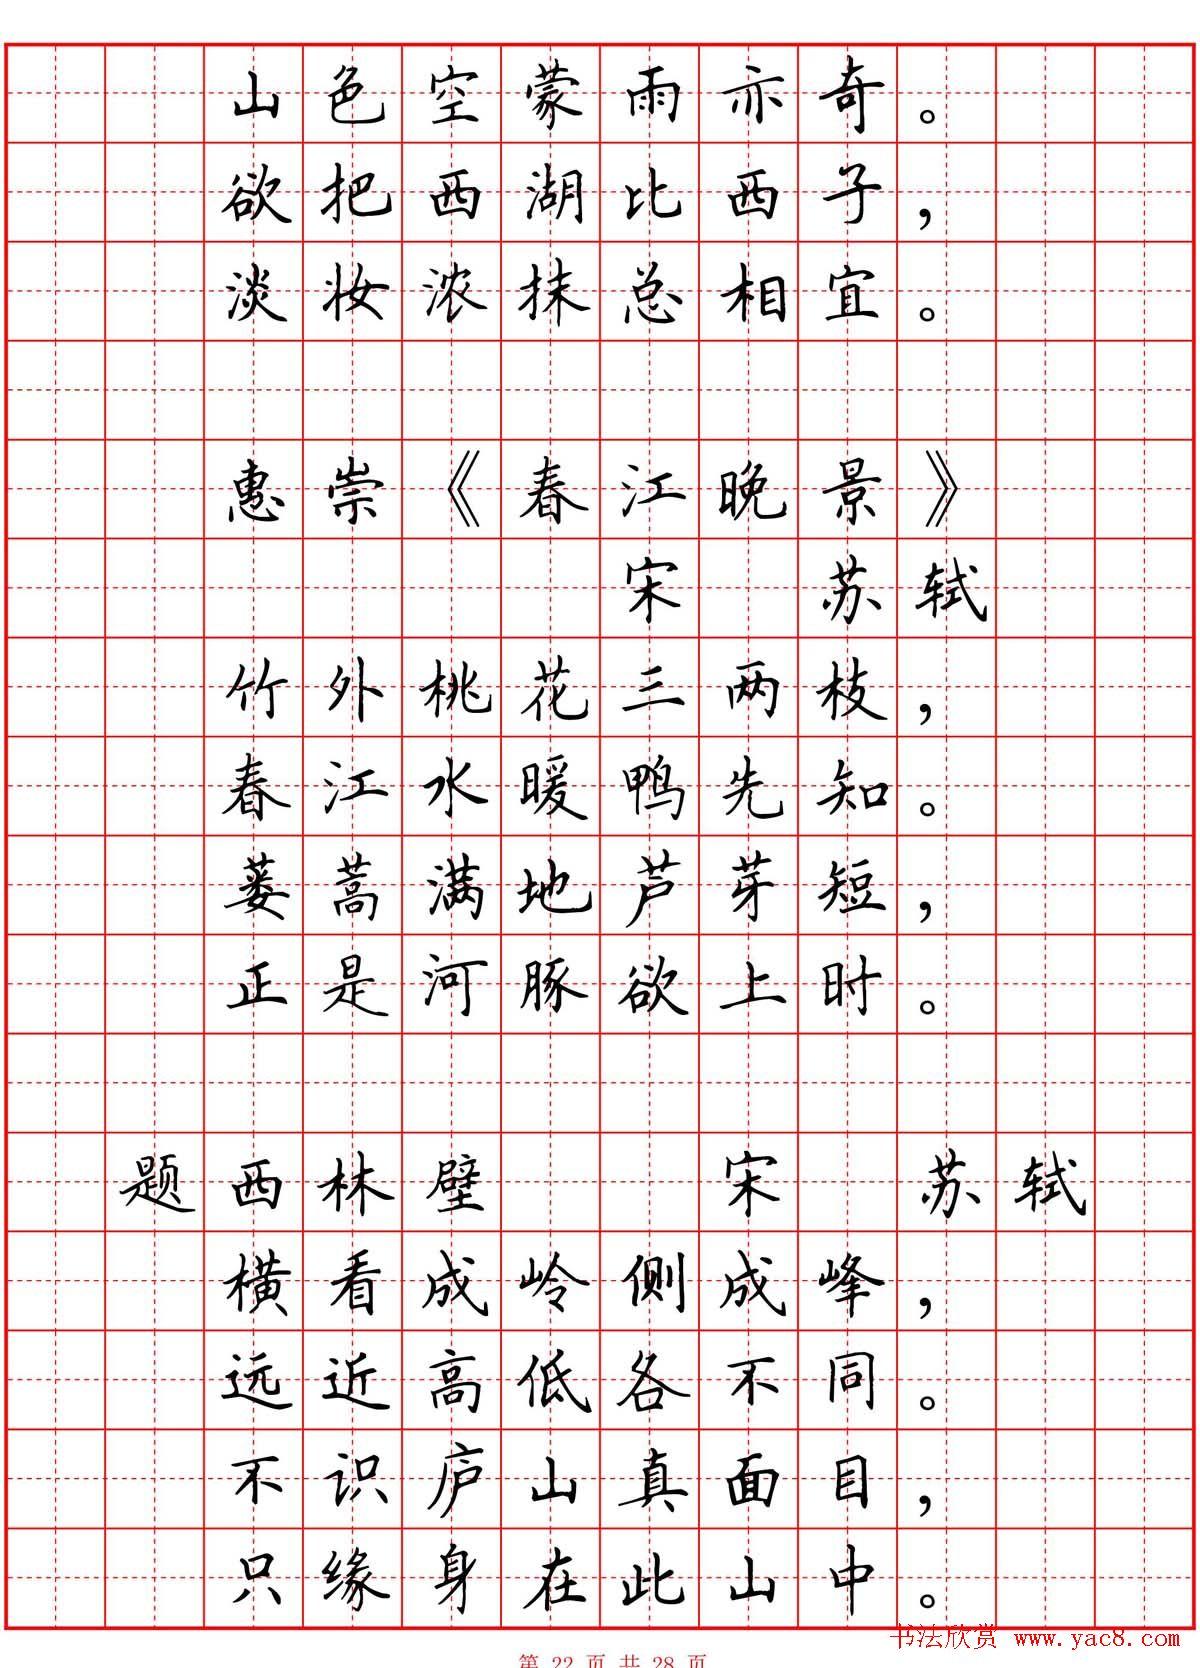 楷书硬笔书法字帖欣赏《小学生必背古诗词八十首》-读古诗硬笔书法